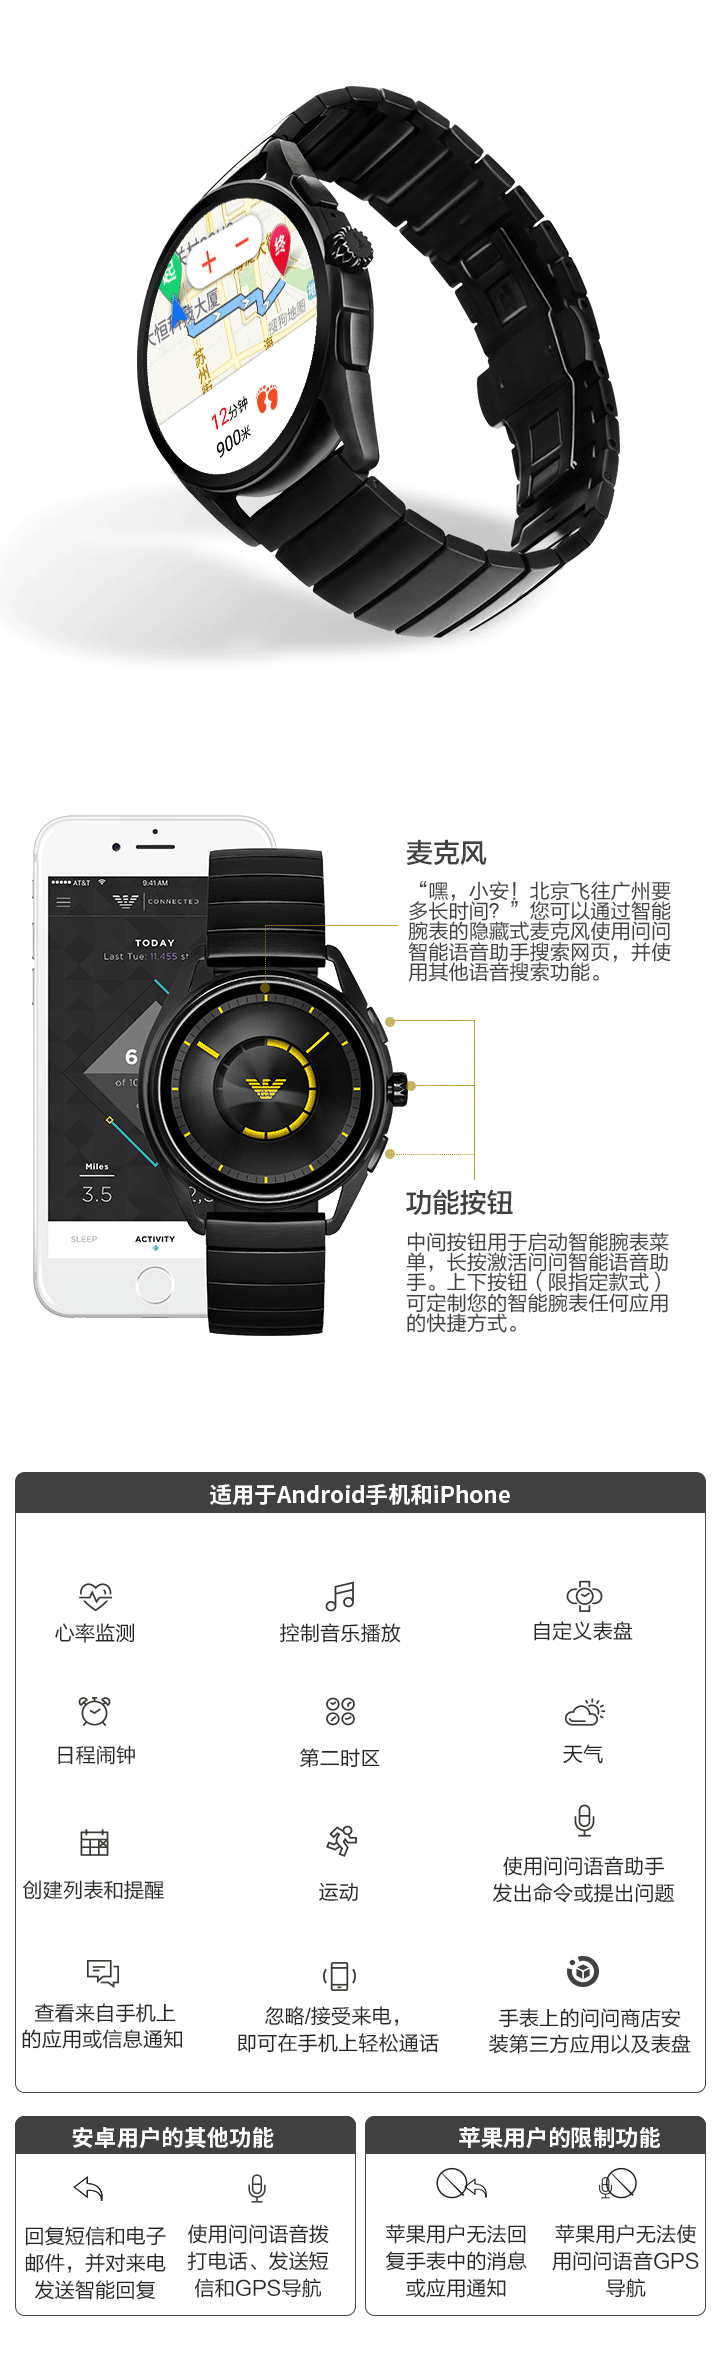 阿玛尼第四代智能触屏腕表免费试用,评测